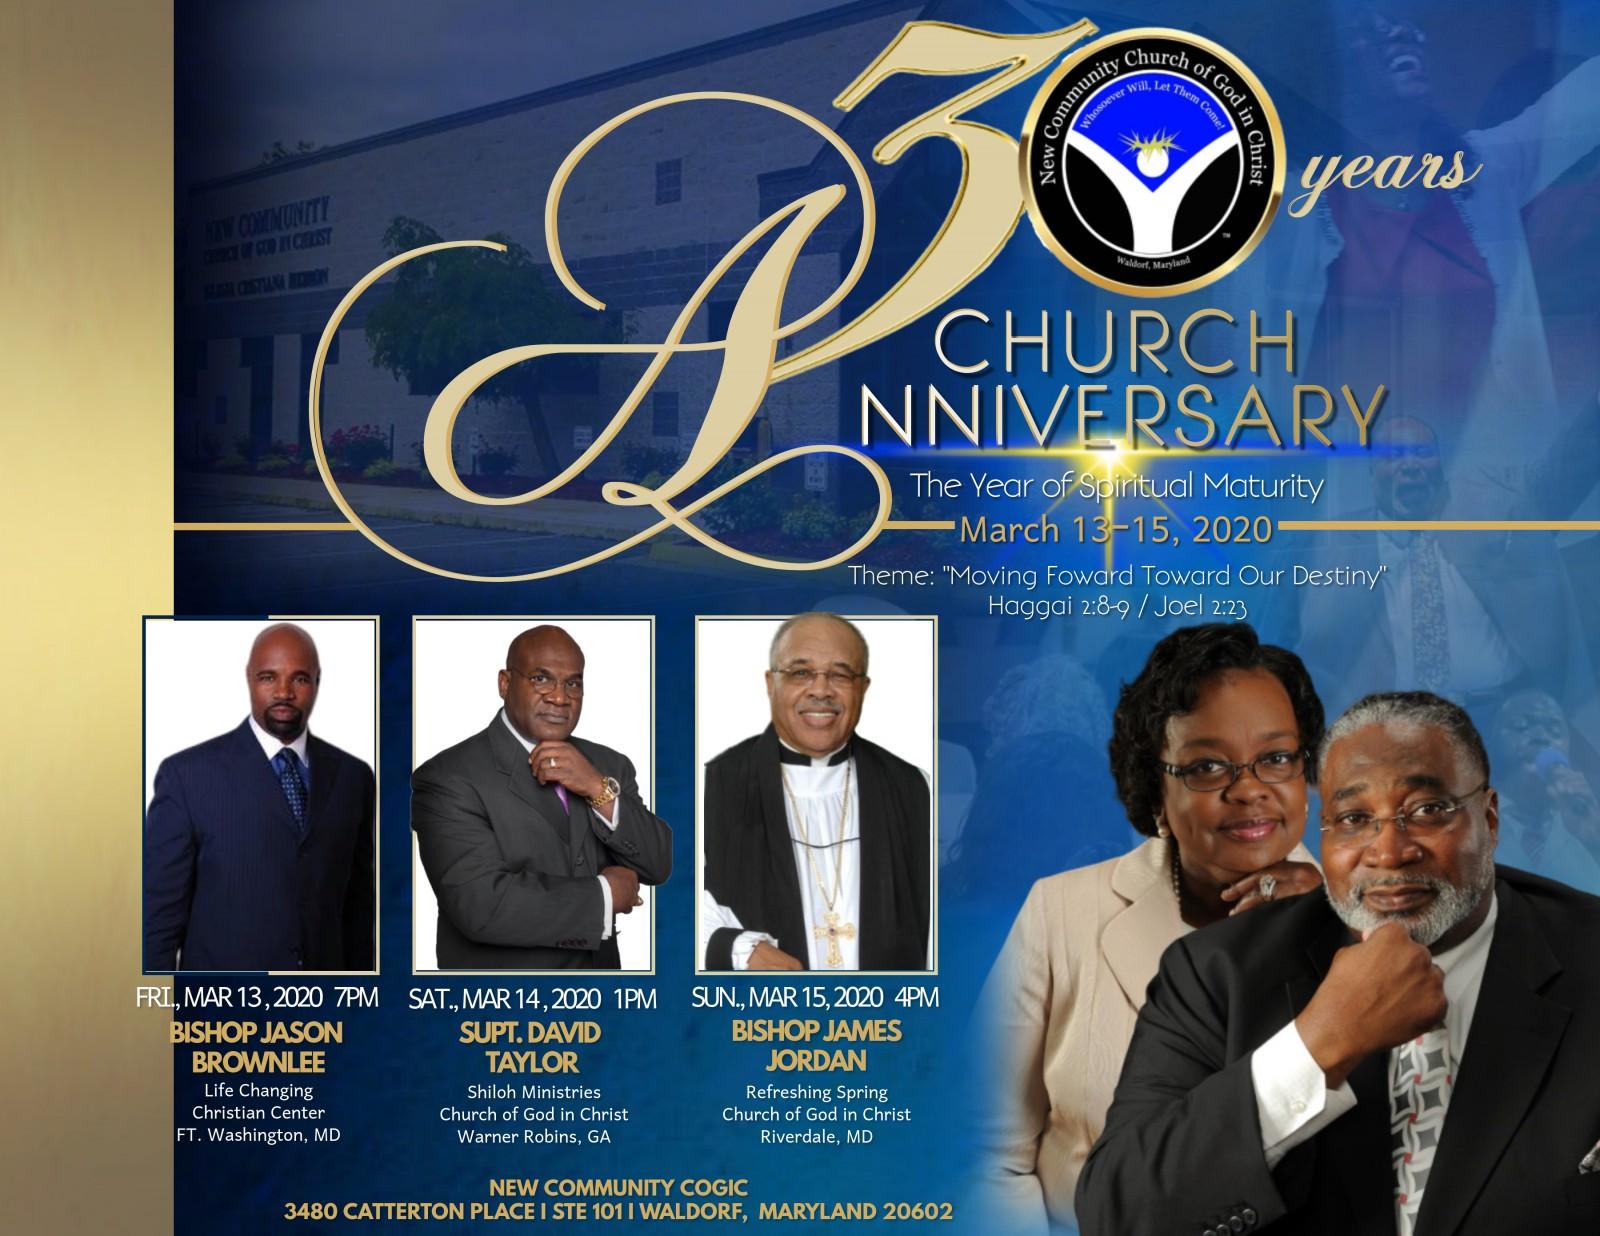 30th Church Anniverary